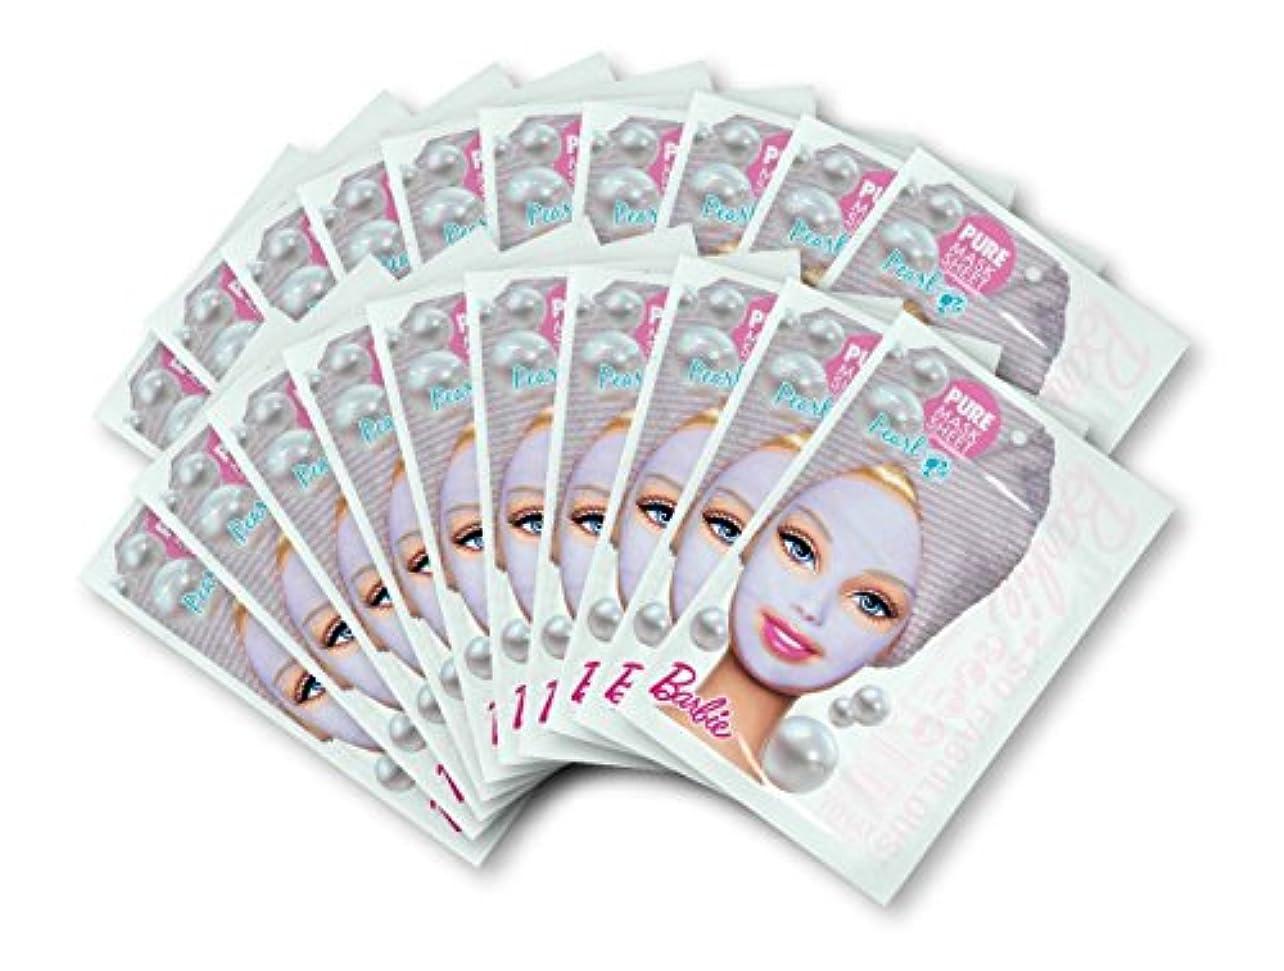 月面ファウル対バービー (Barbie) フェイスマスク ピュアマスクシートN (パール) 25ml×20枚入り [保湿] 顔 シートマスク フェイスパック